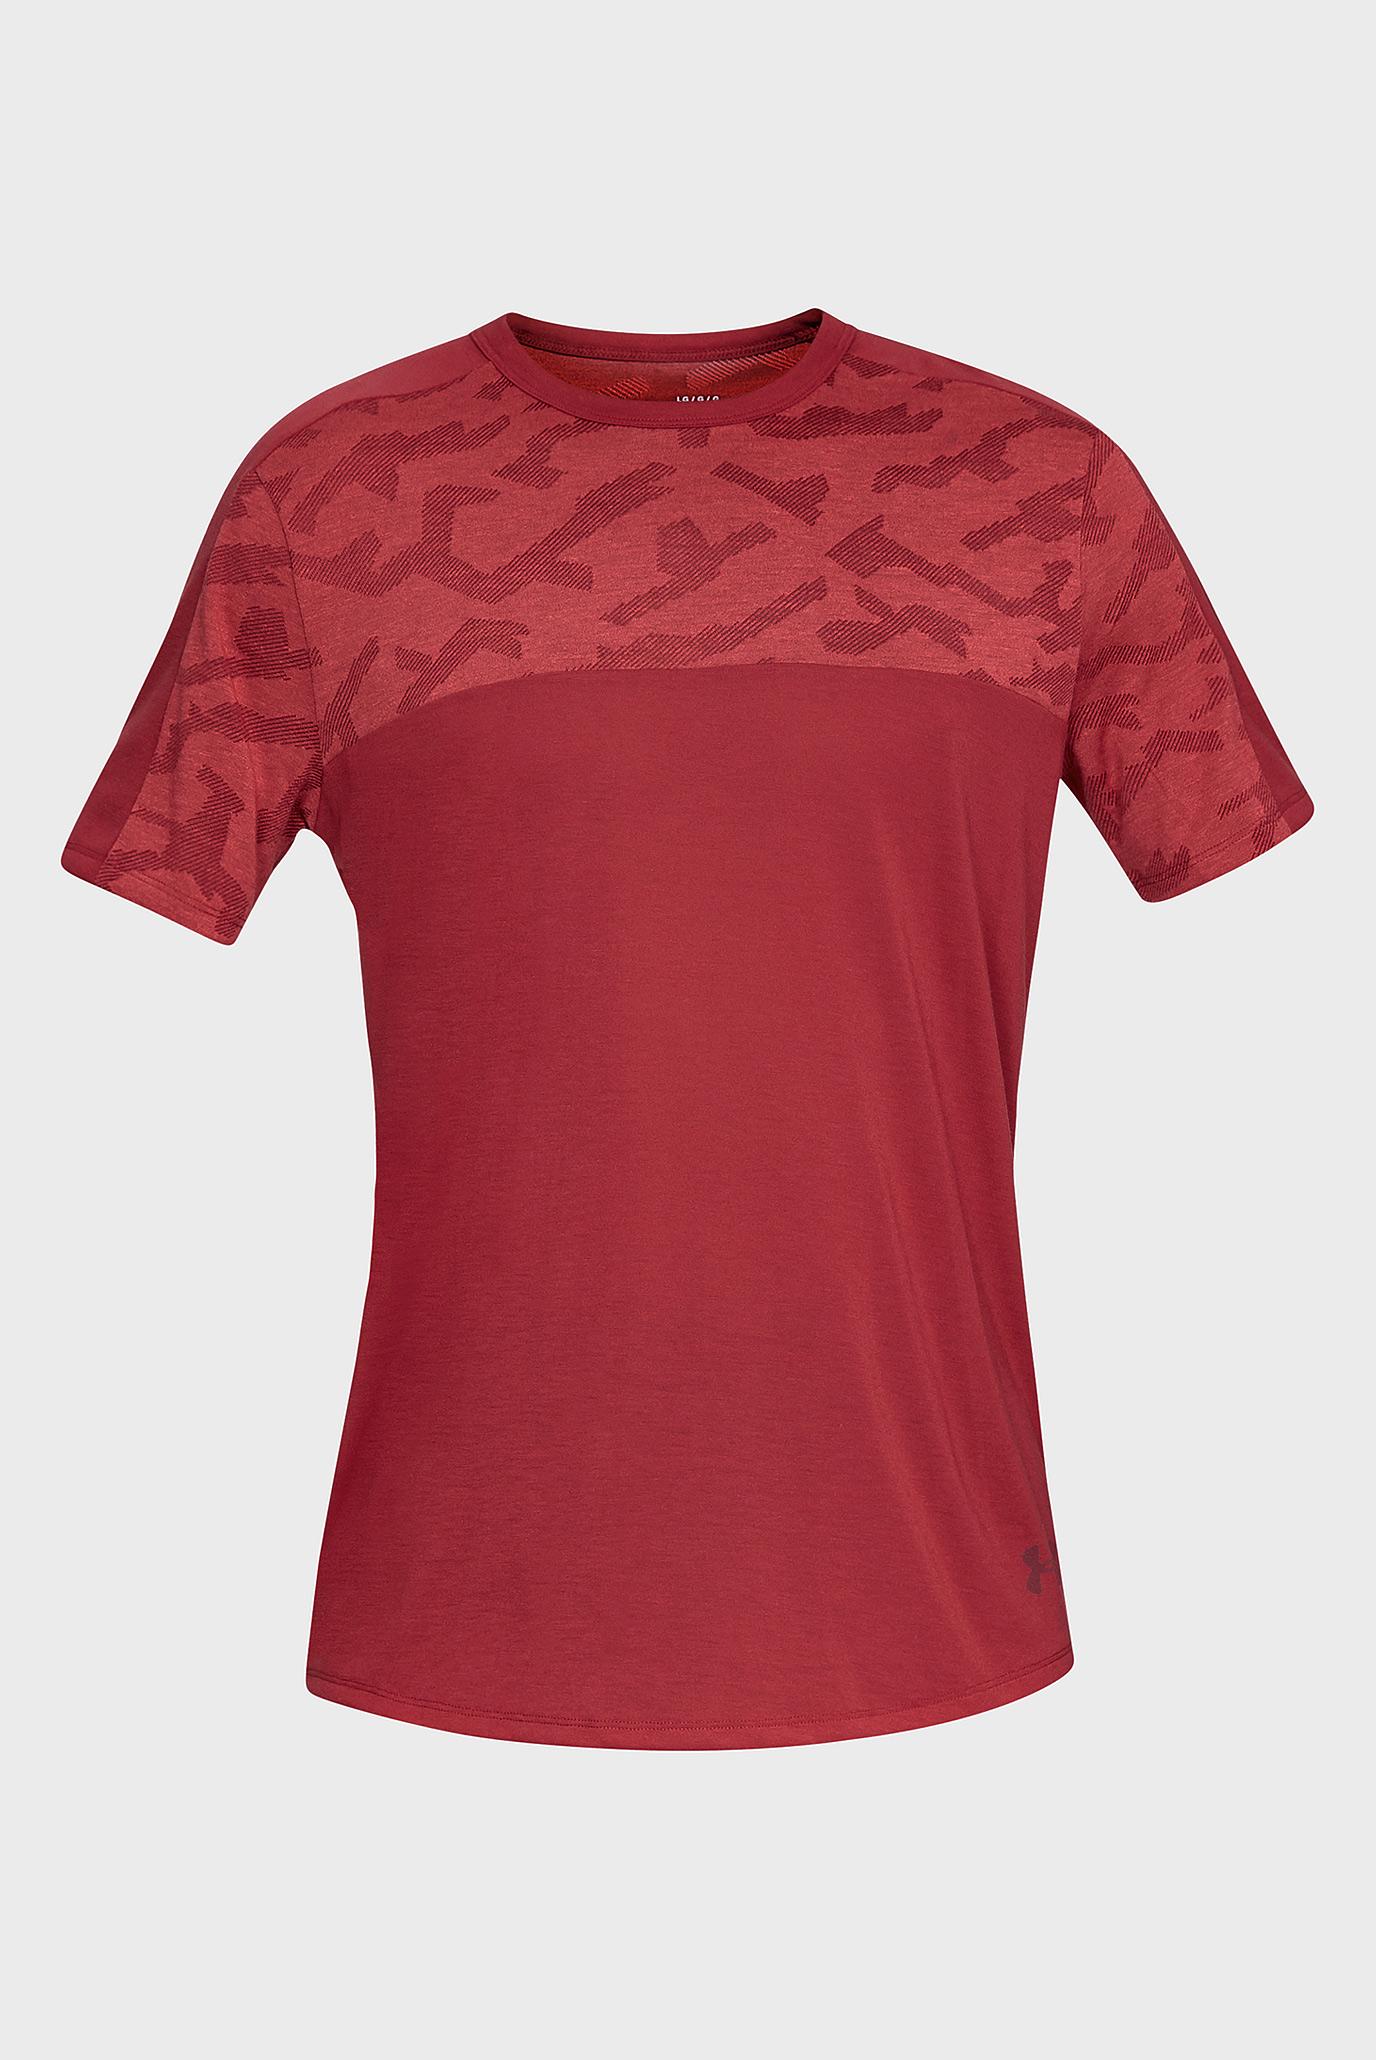 Купить Мужская красная футболка UA Siro Elite SS Under Armour Under Armour 1327672-651 – Киев, Украина. Цены в интернет магазине MD Fashion